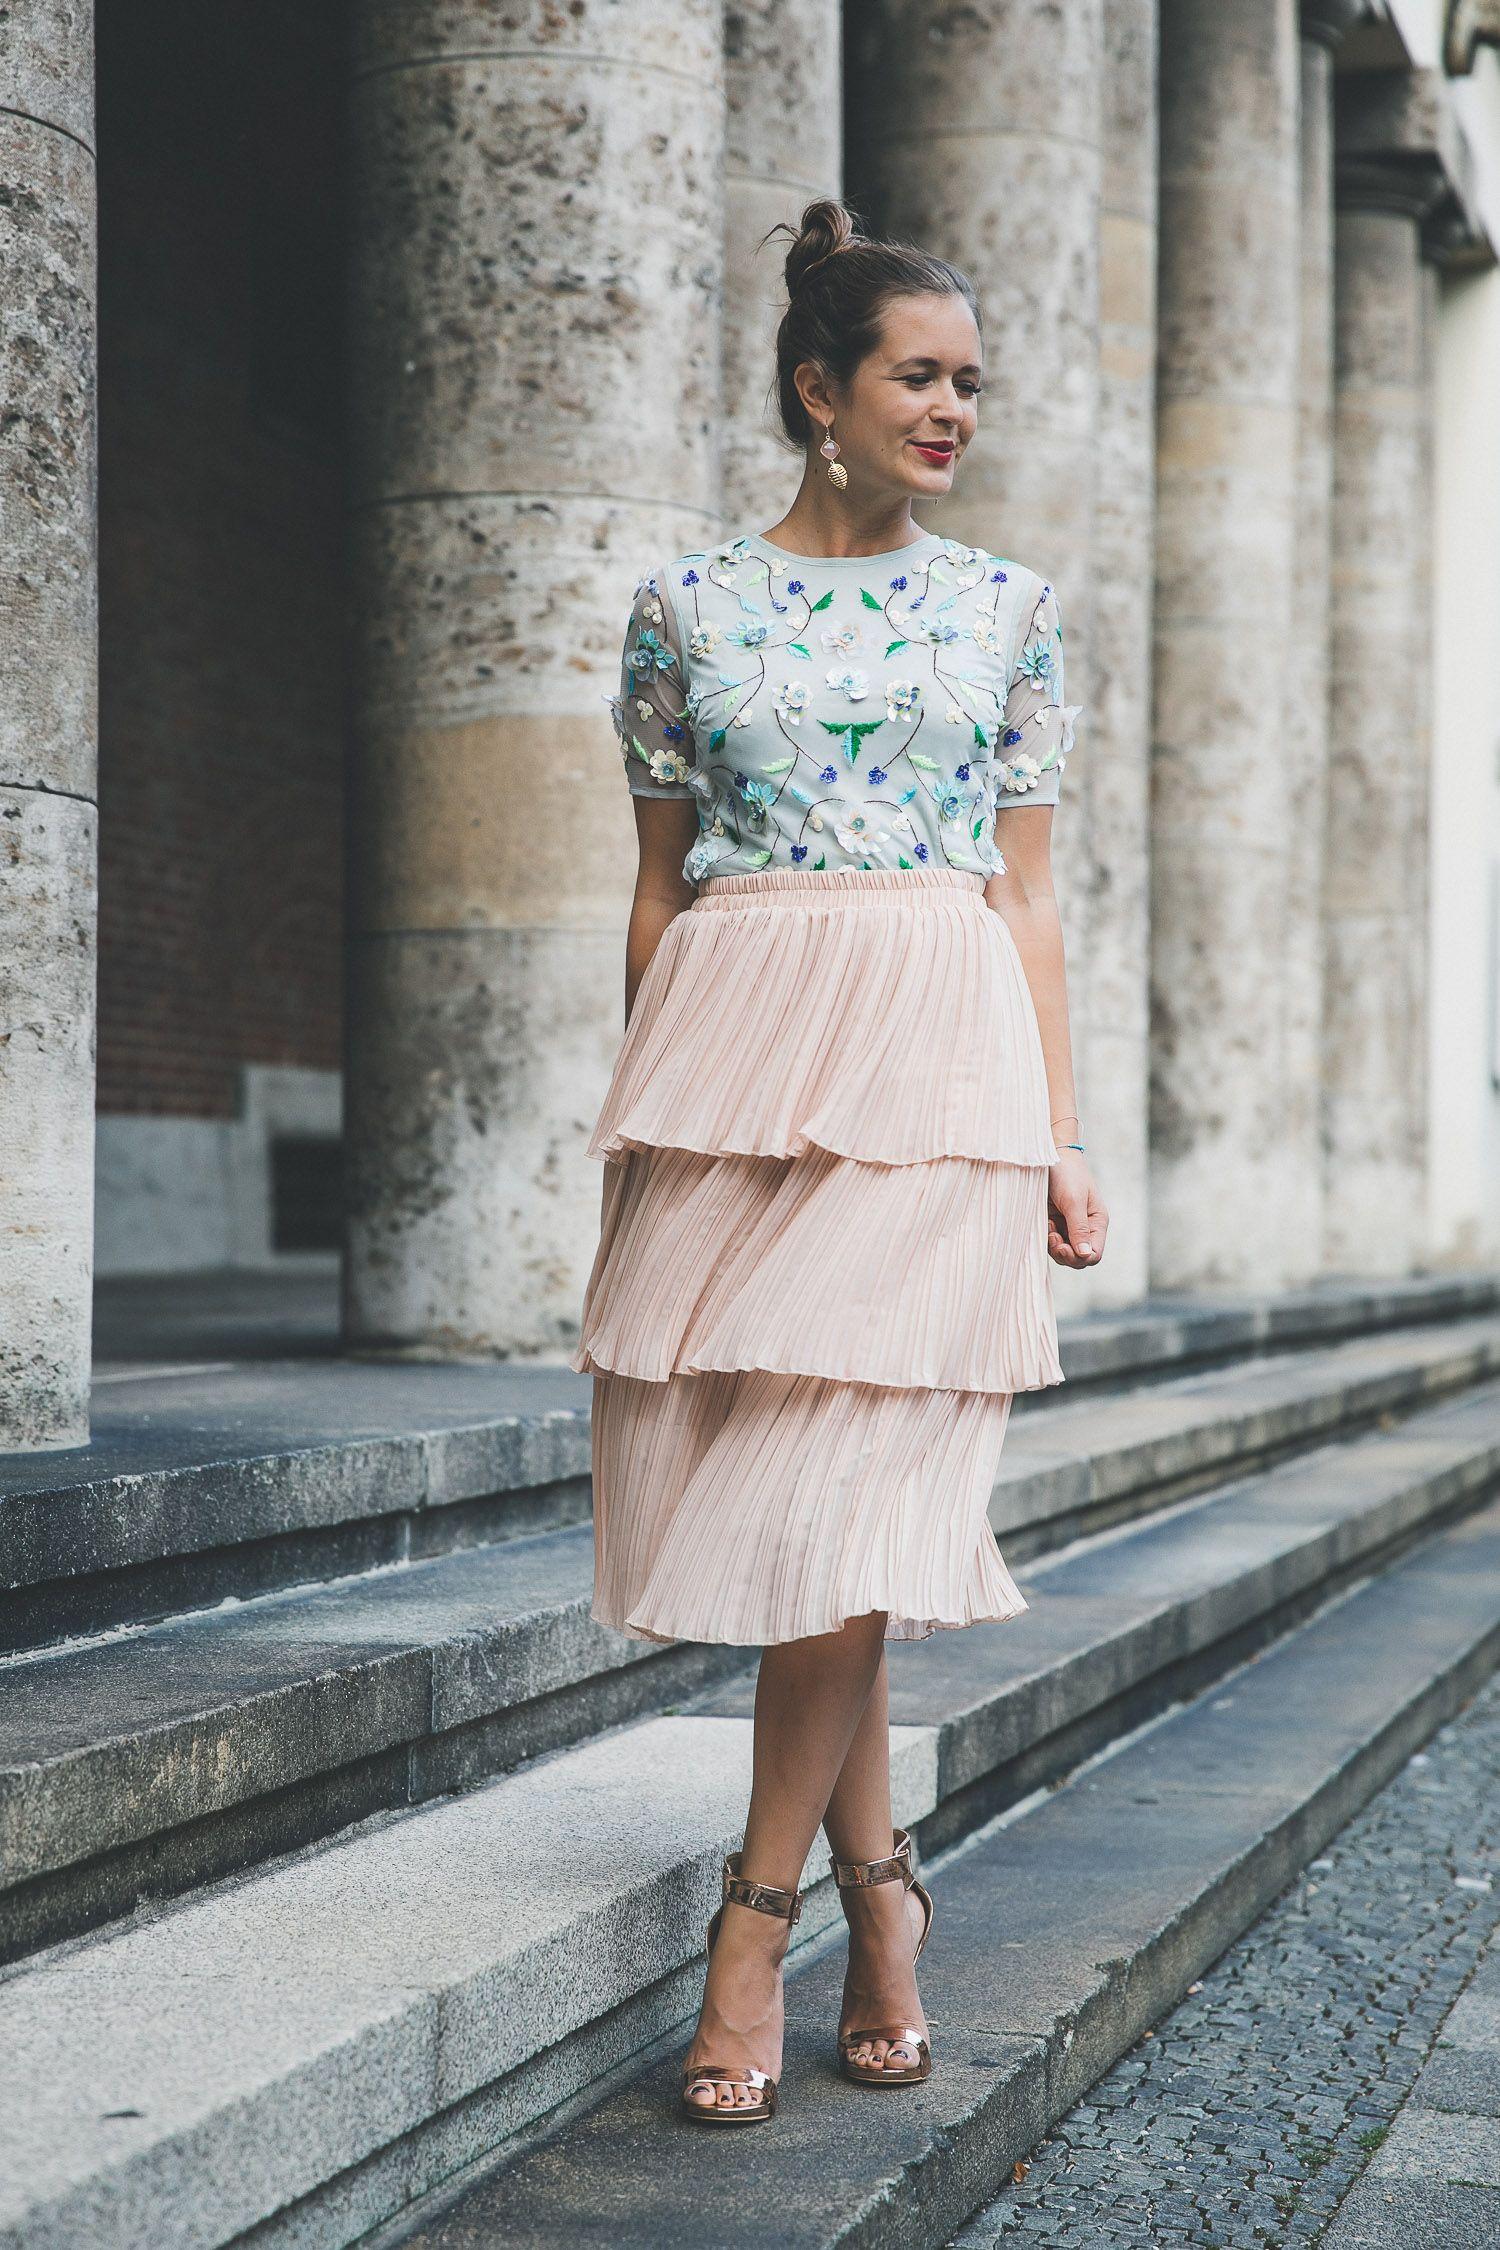 Outfit Tipps Fur Hochzeitsgaste Besticktes Top Plisseerock Josie Loves Outfit Bestickte Tops Plisseerock Hochzeit